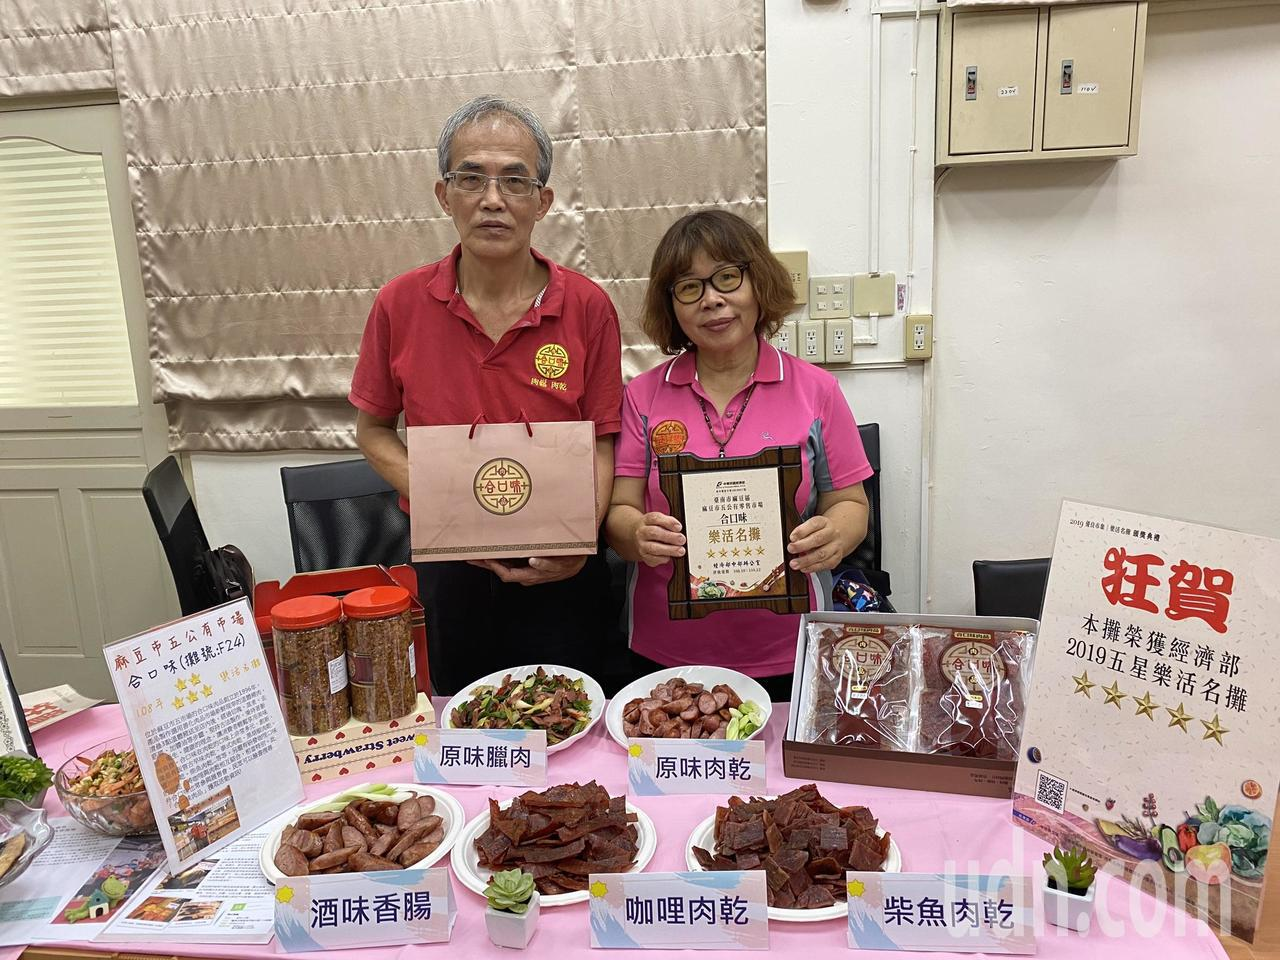 麻豆市五合口味獲得五星名攤殊榮。記者謝進盛/攝影